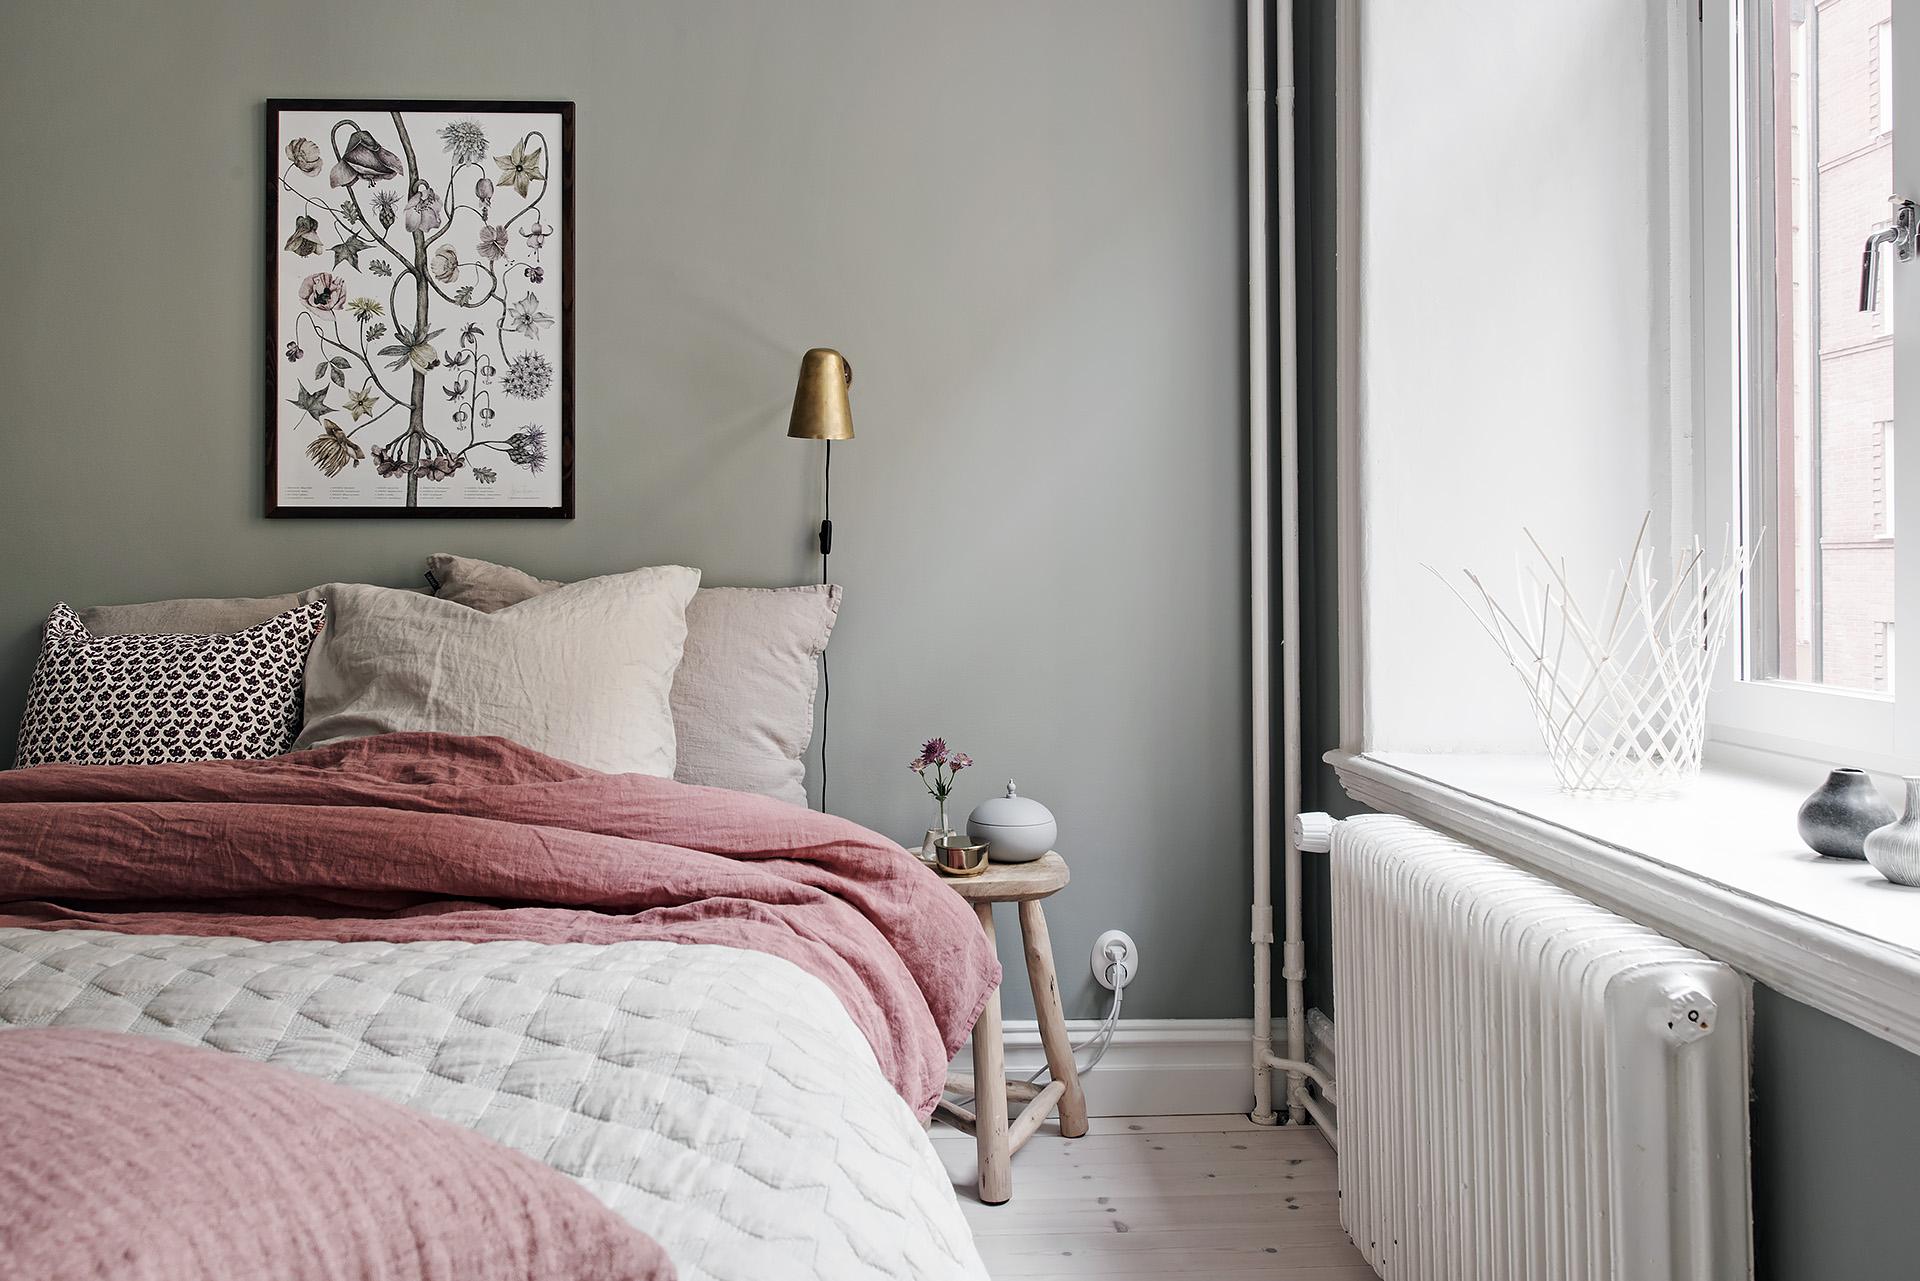 Zo geef je je slaapkamer een hotel chic look - INTERIOR JUNKIE